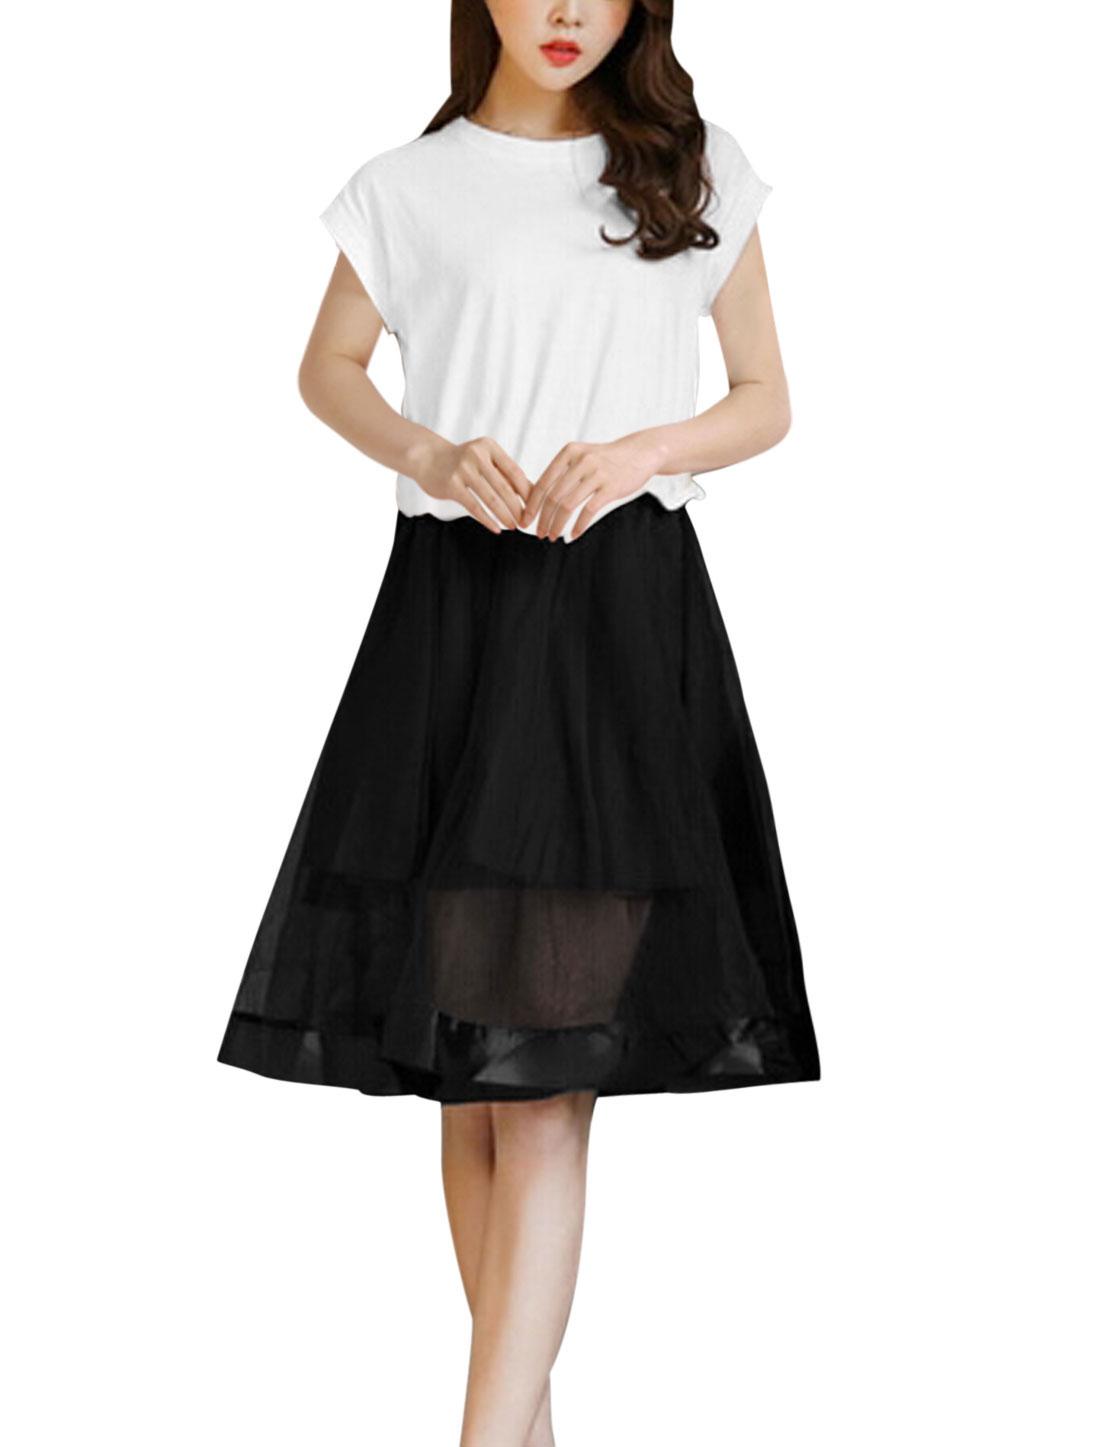 Ladies Short Sleeve Panel Color Block Skater Dress White Black S